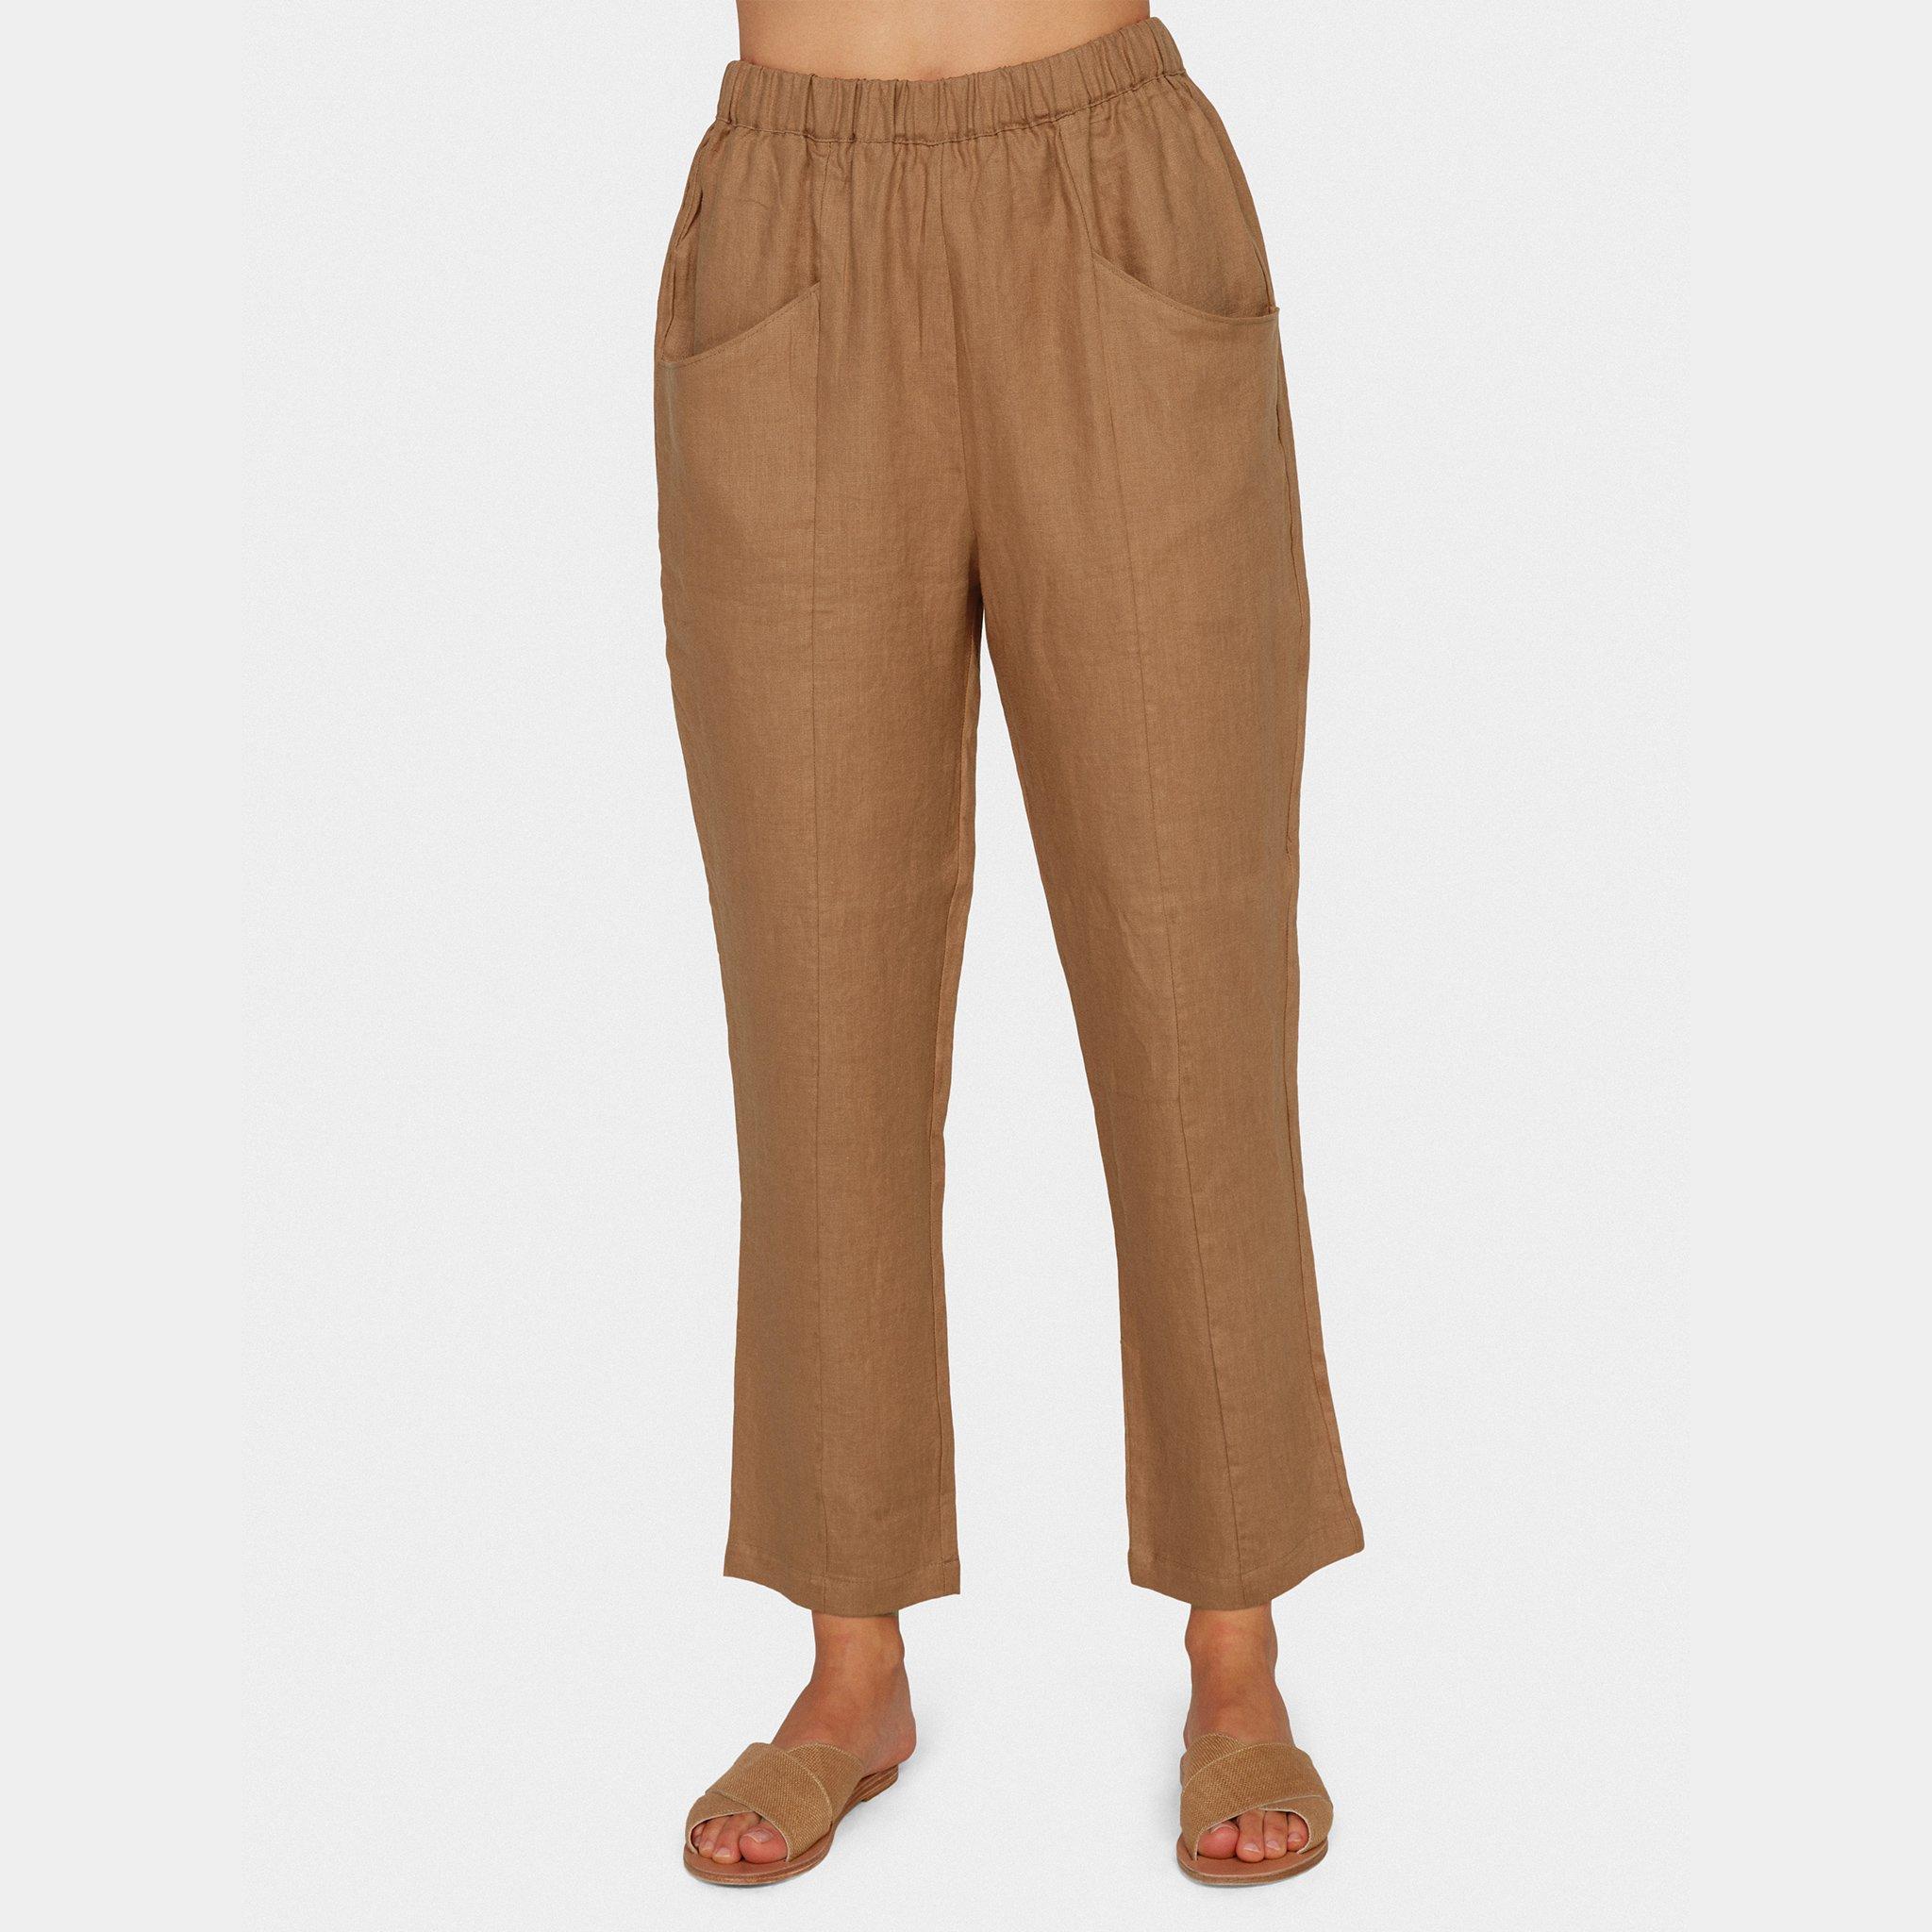 Linen High Waisted Pant